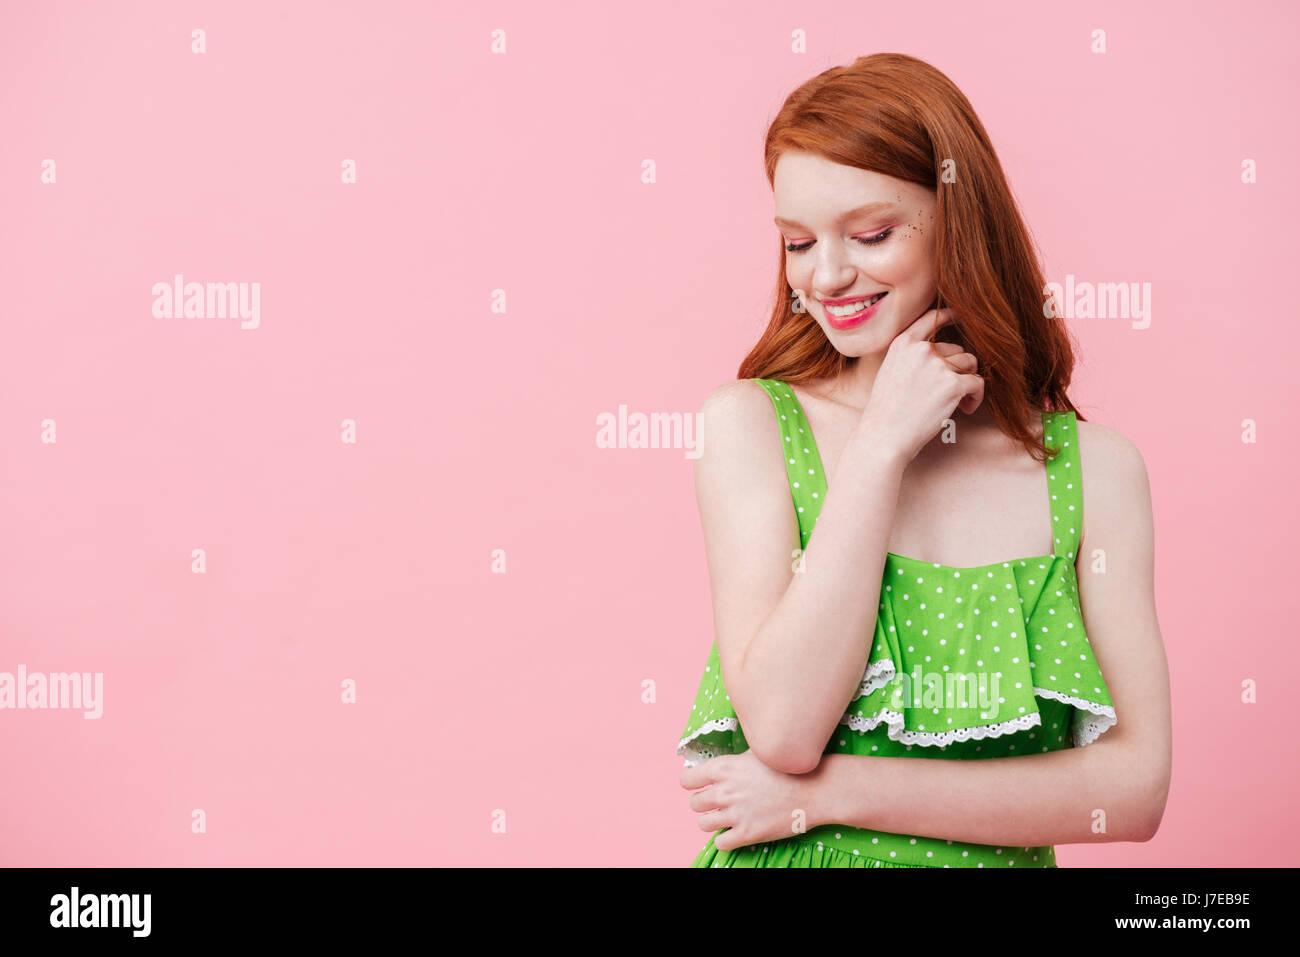 Retrato de joven pelirroja mujer vistiendo vestido verde y mirando hacia abajo Imagen De Stock